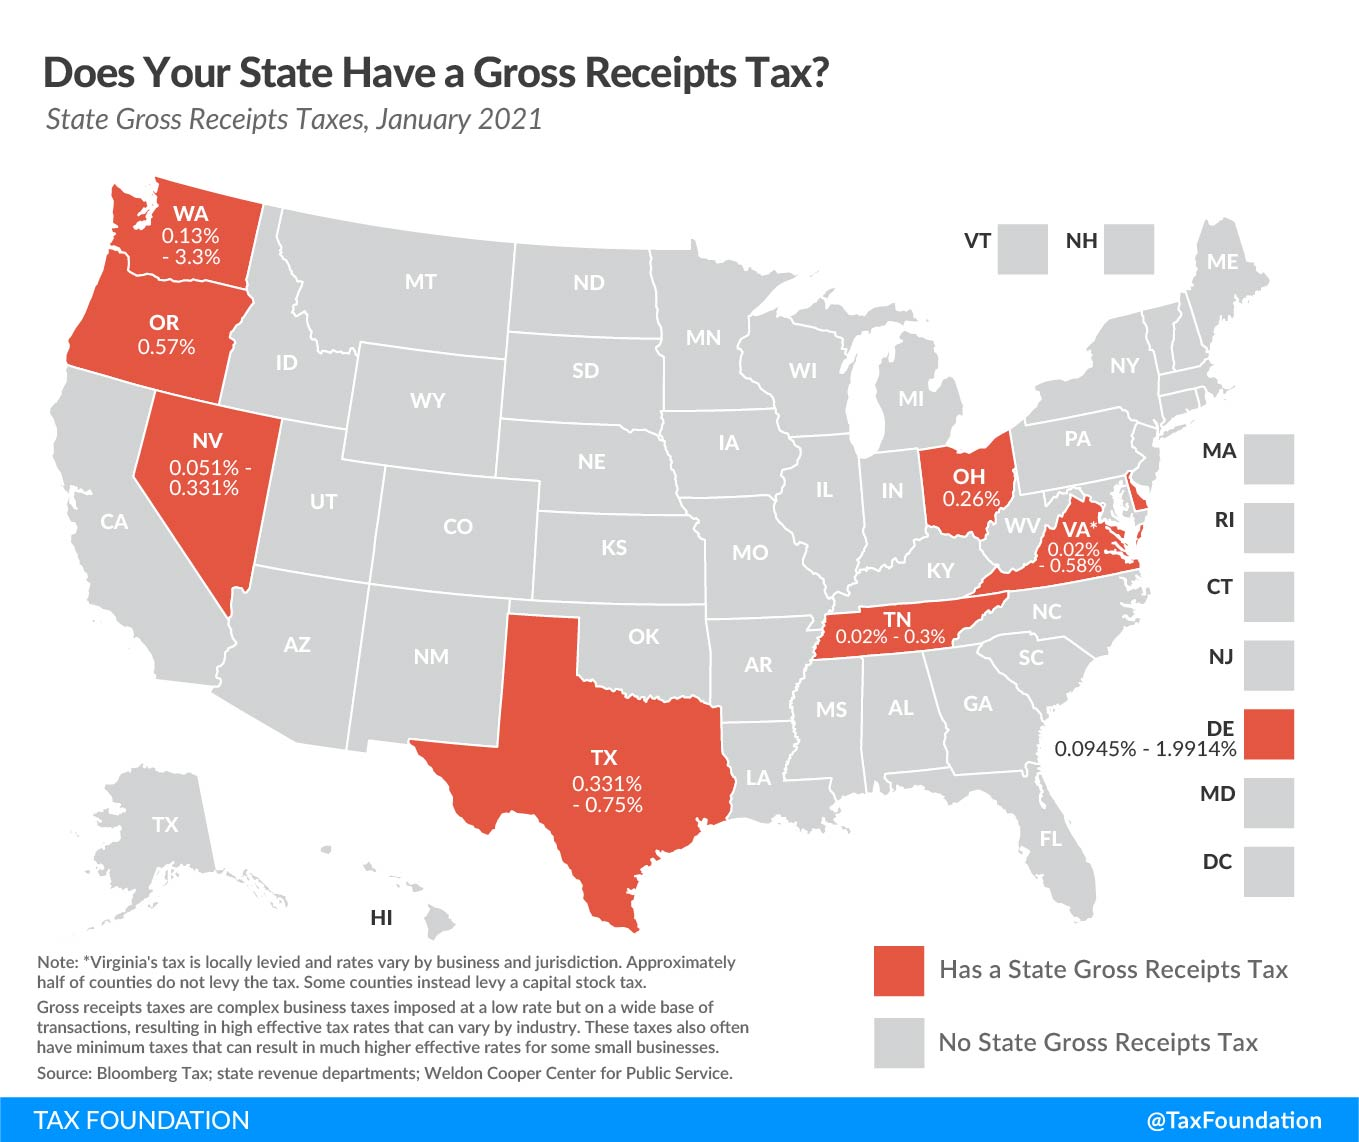 Gross Receipts Taxes 2021 State Gross Receipts Tax Rates What States Have a Gross Receipts Tax Which States Charge Gross Receipts Tax Texas Gross Receipts Tax